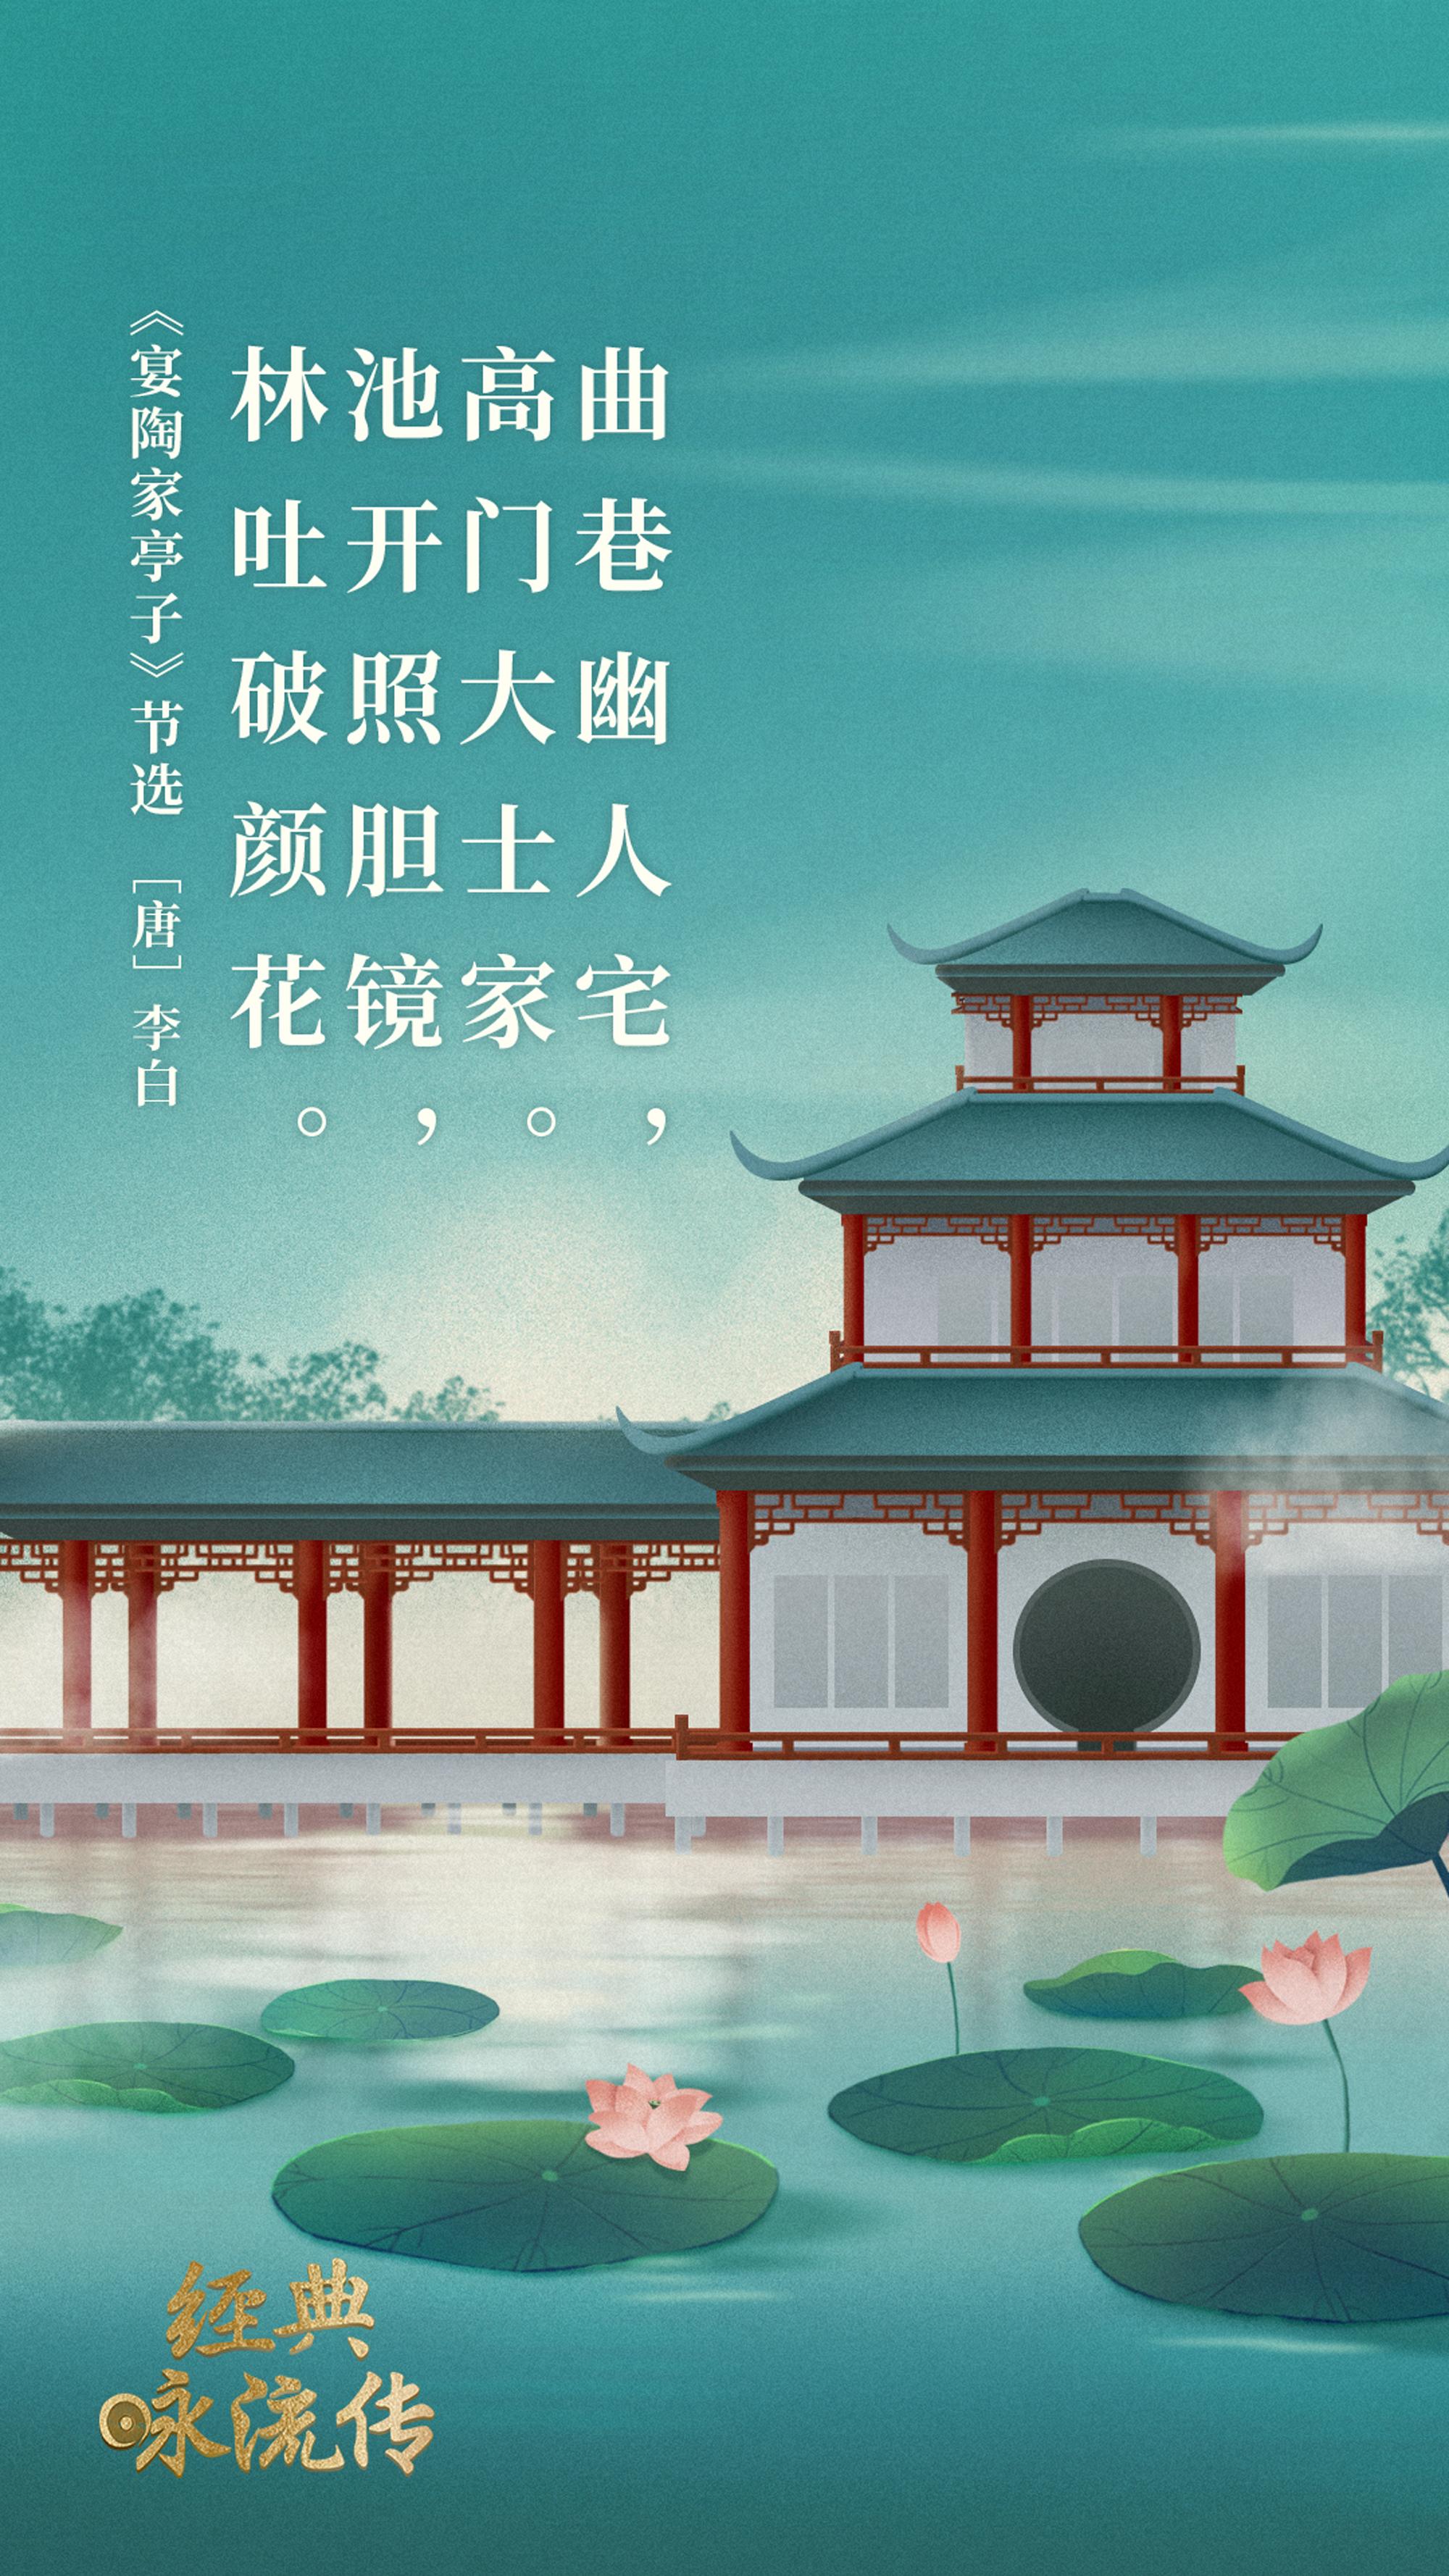 《经典咏流传》诗词意境海报合集 欣赏-第50张